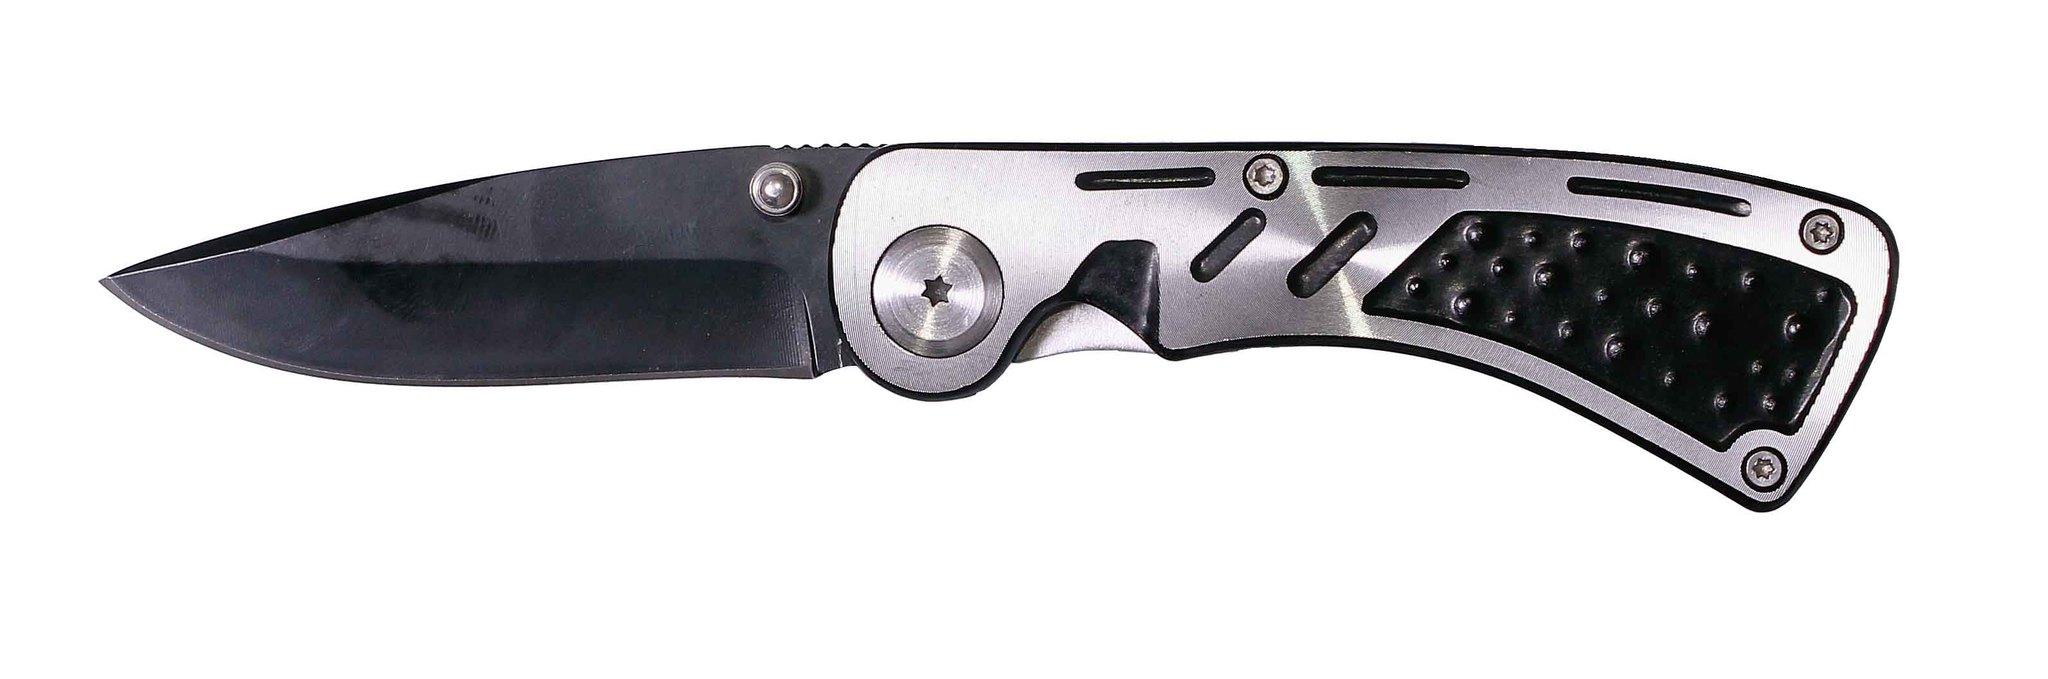 Нож складной Stinger, 68 мм (черный), рукоять: сталь (серебристо-черный), с клипом, коробка картон